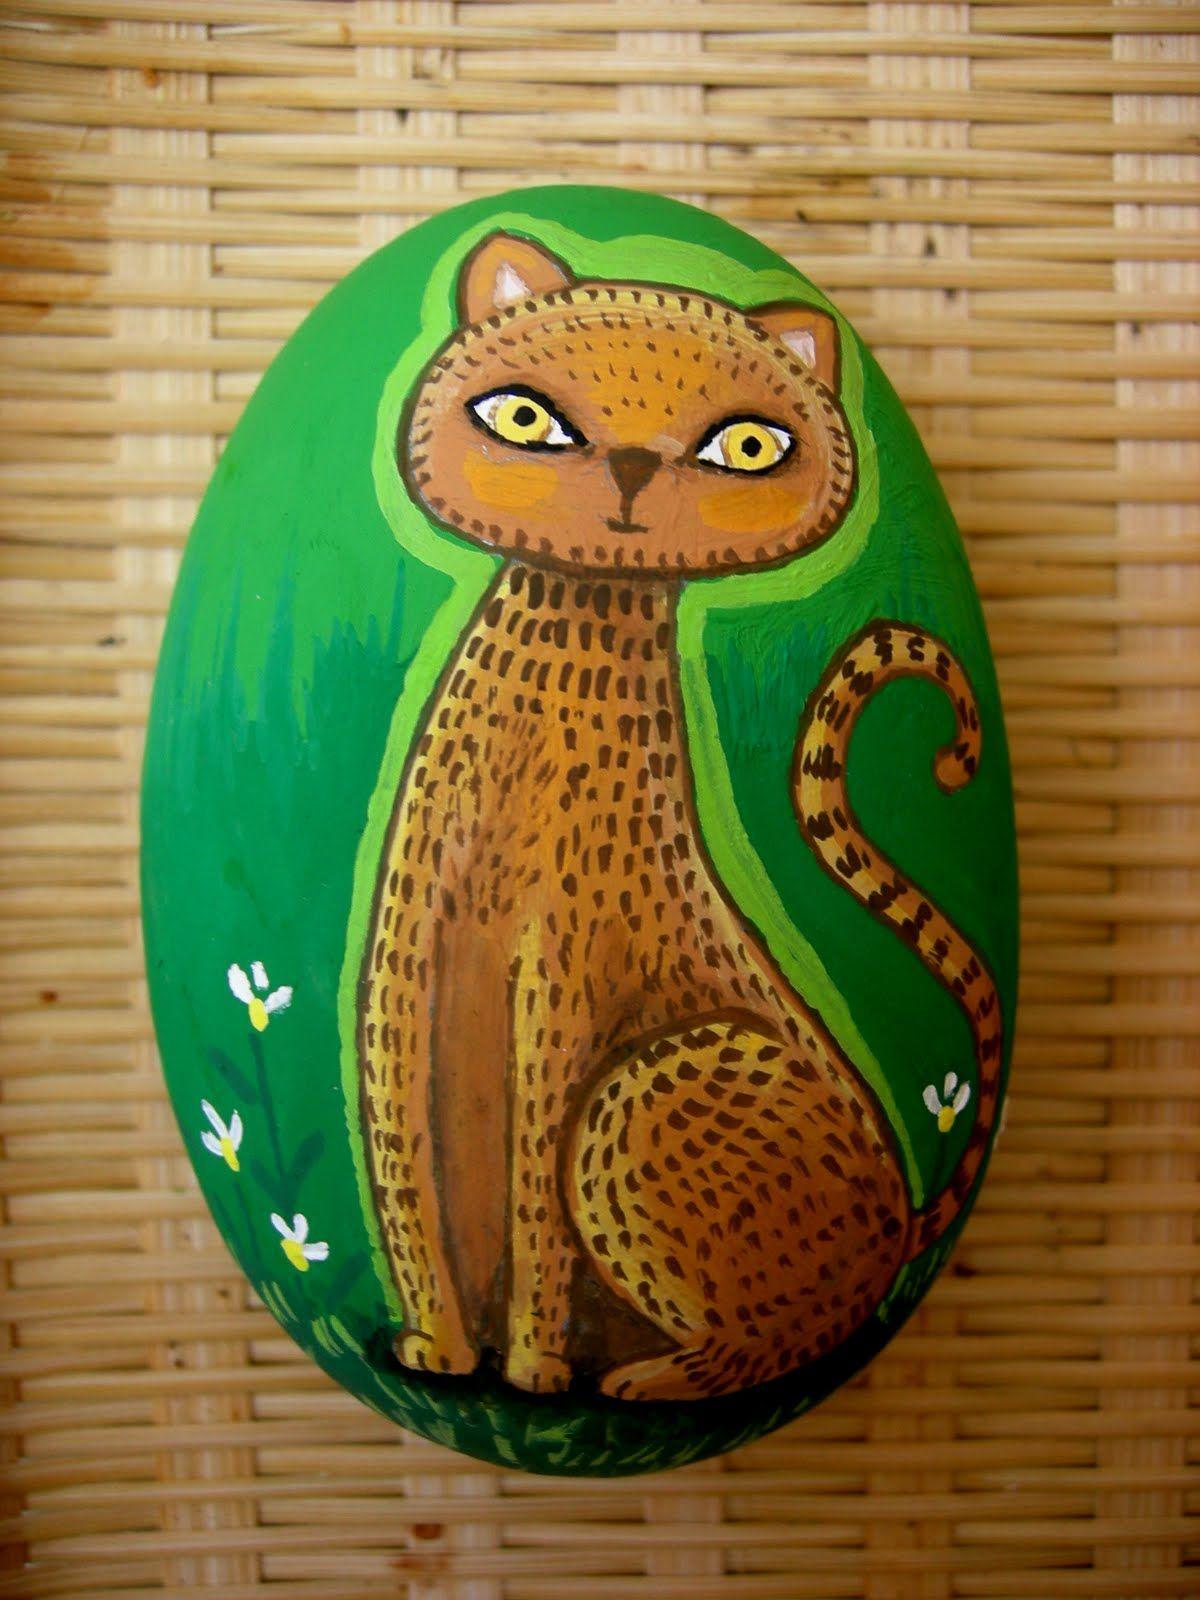 Kedibu murales y objetos decorativos 11 01 2011 12 01 for Murales decorativos